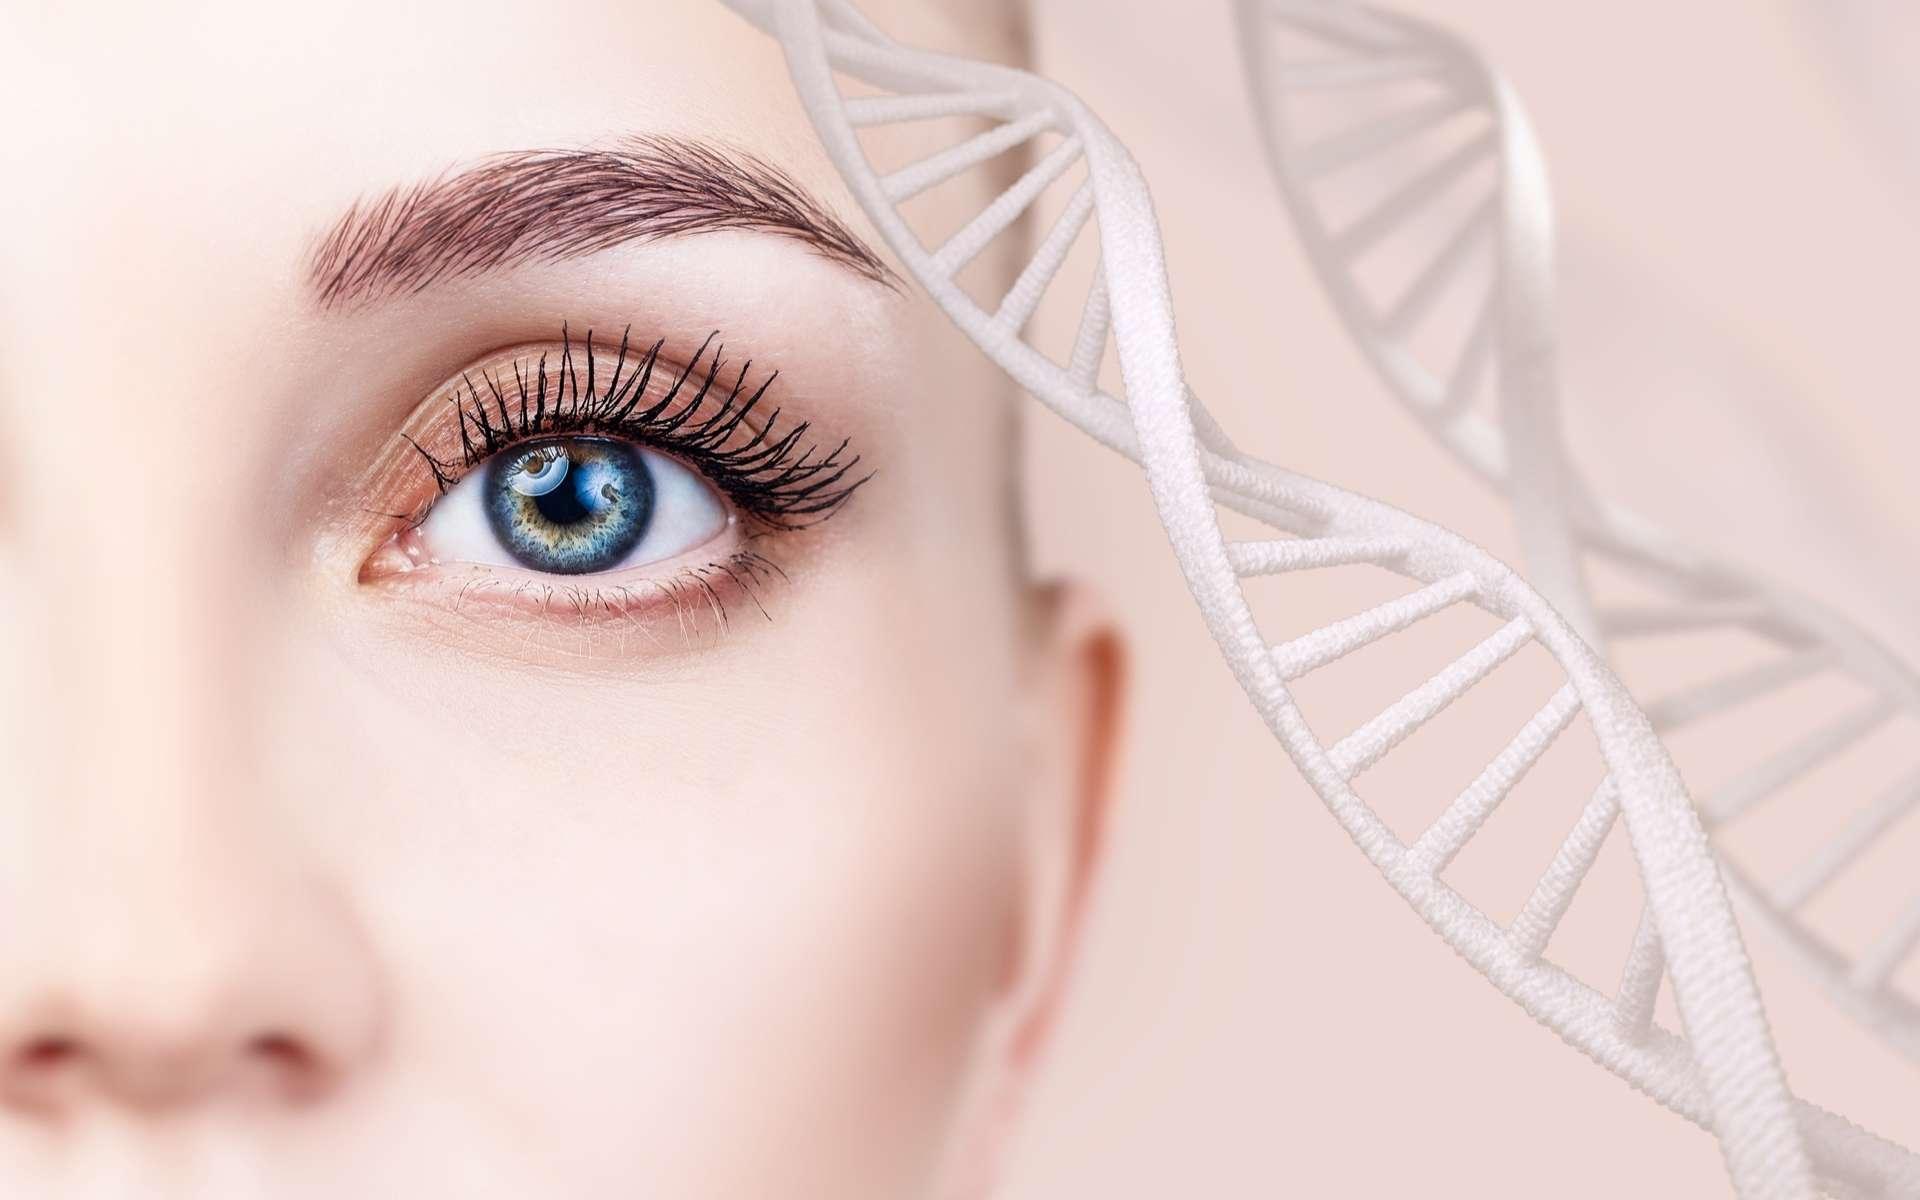 Une thérapie génique innovante pourrait redonner la vue à des patients atteints d'une maladie héréditaire et rare, une pathologie qui conduit brutalement à la cécité. © llhedgehogll, Adobe Stock